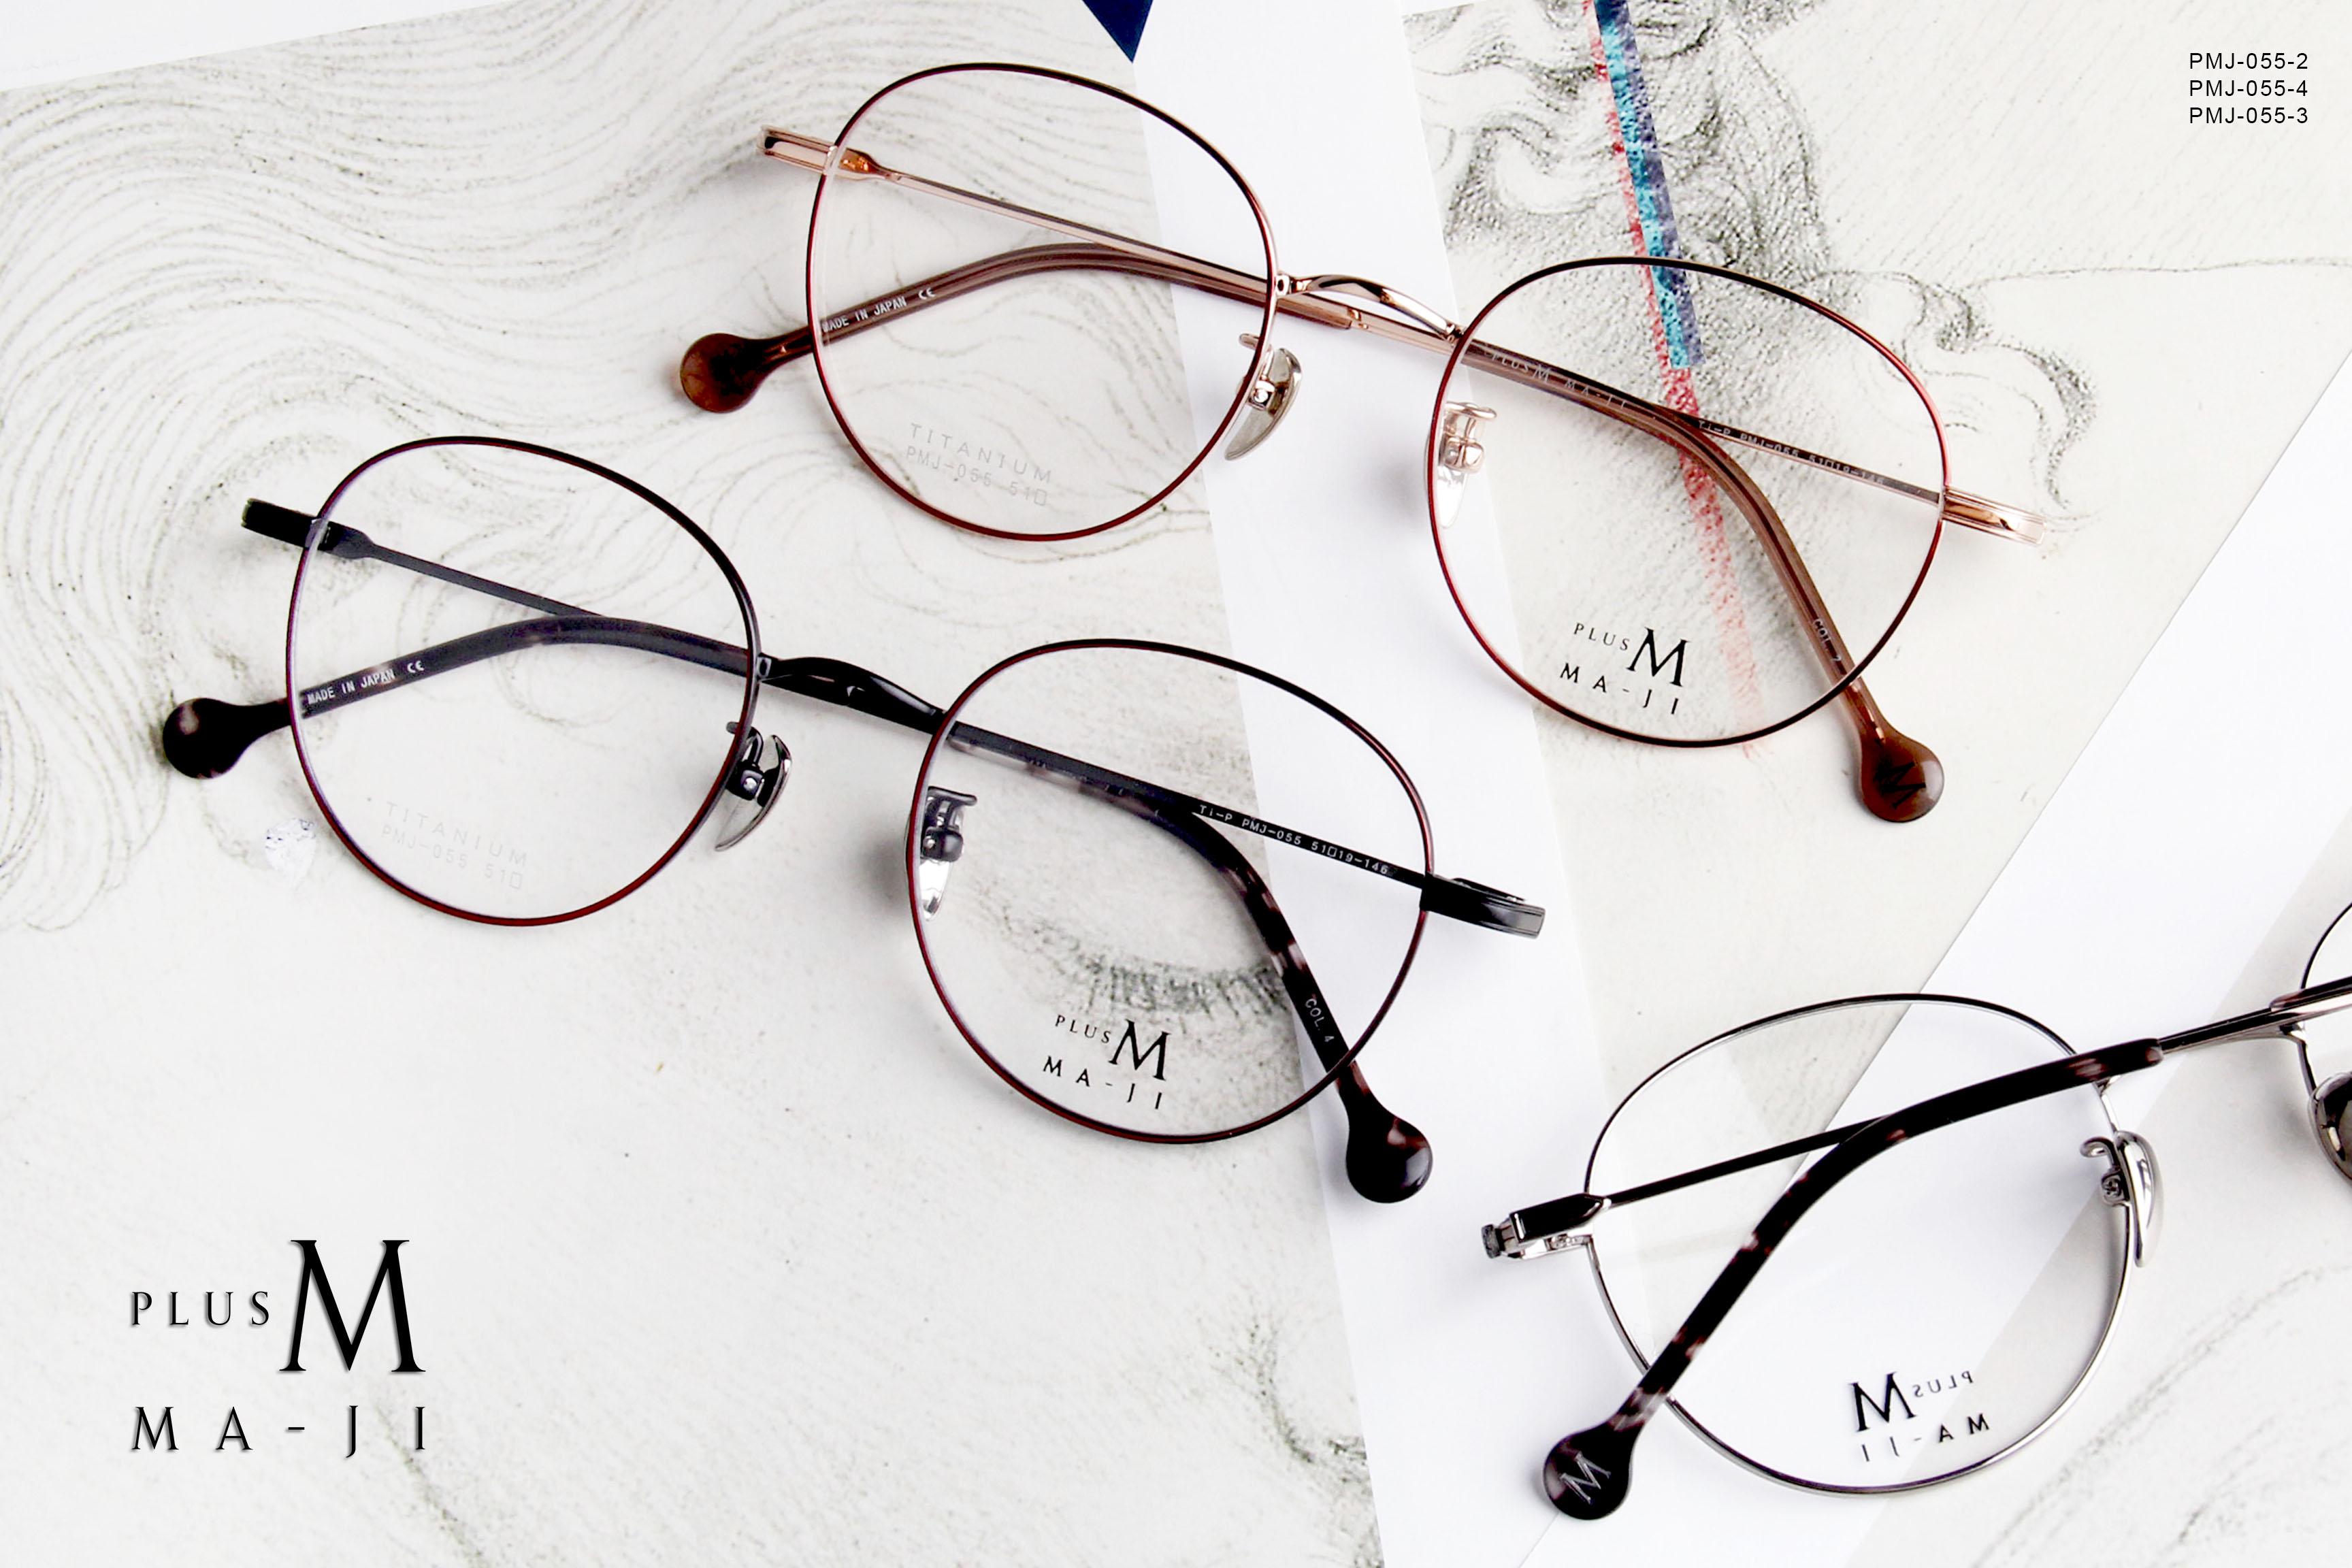 【PLUS M MA-JI 日本設計師品牌】「多角形」的中性酷